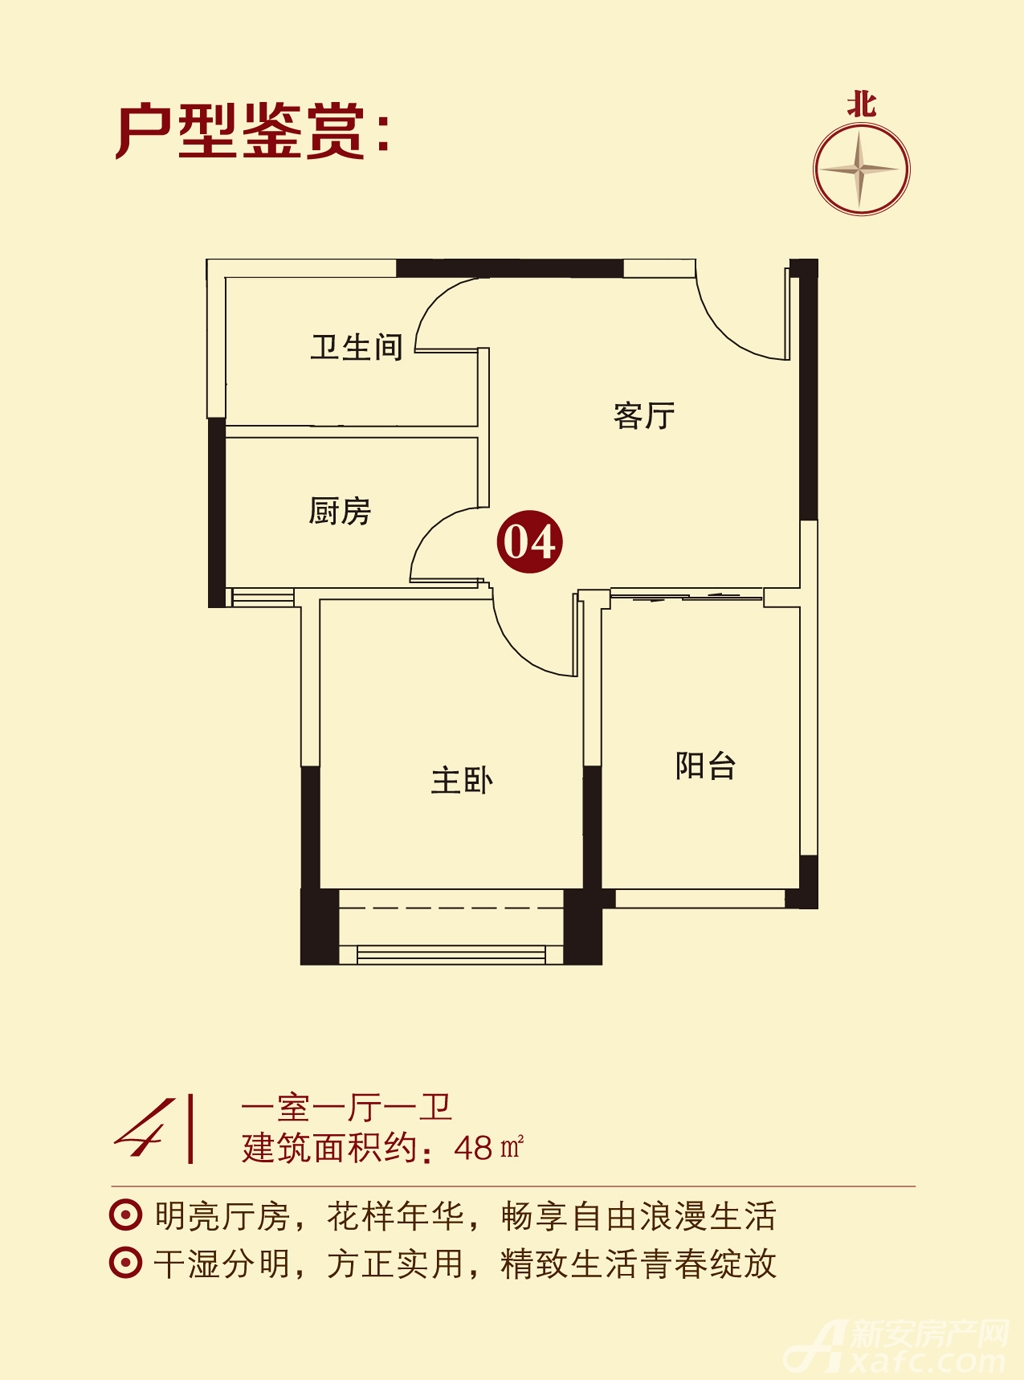 恒大城17#户型41室1厅48平米